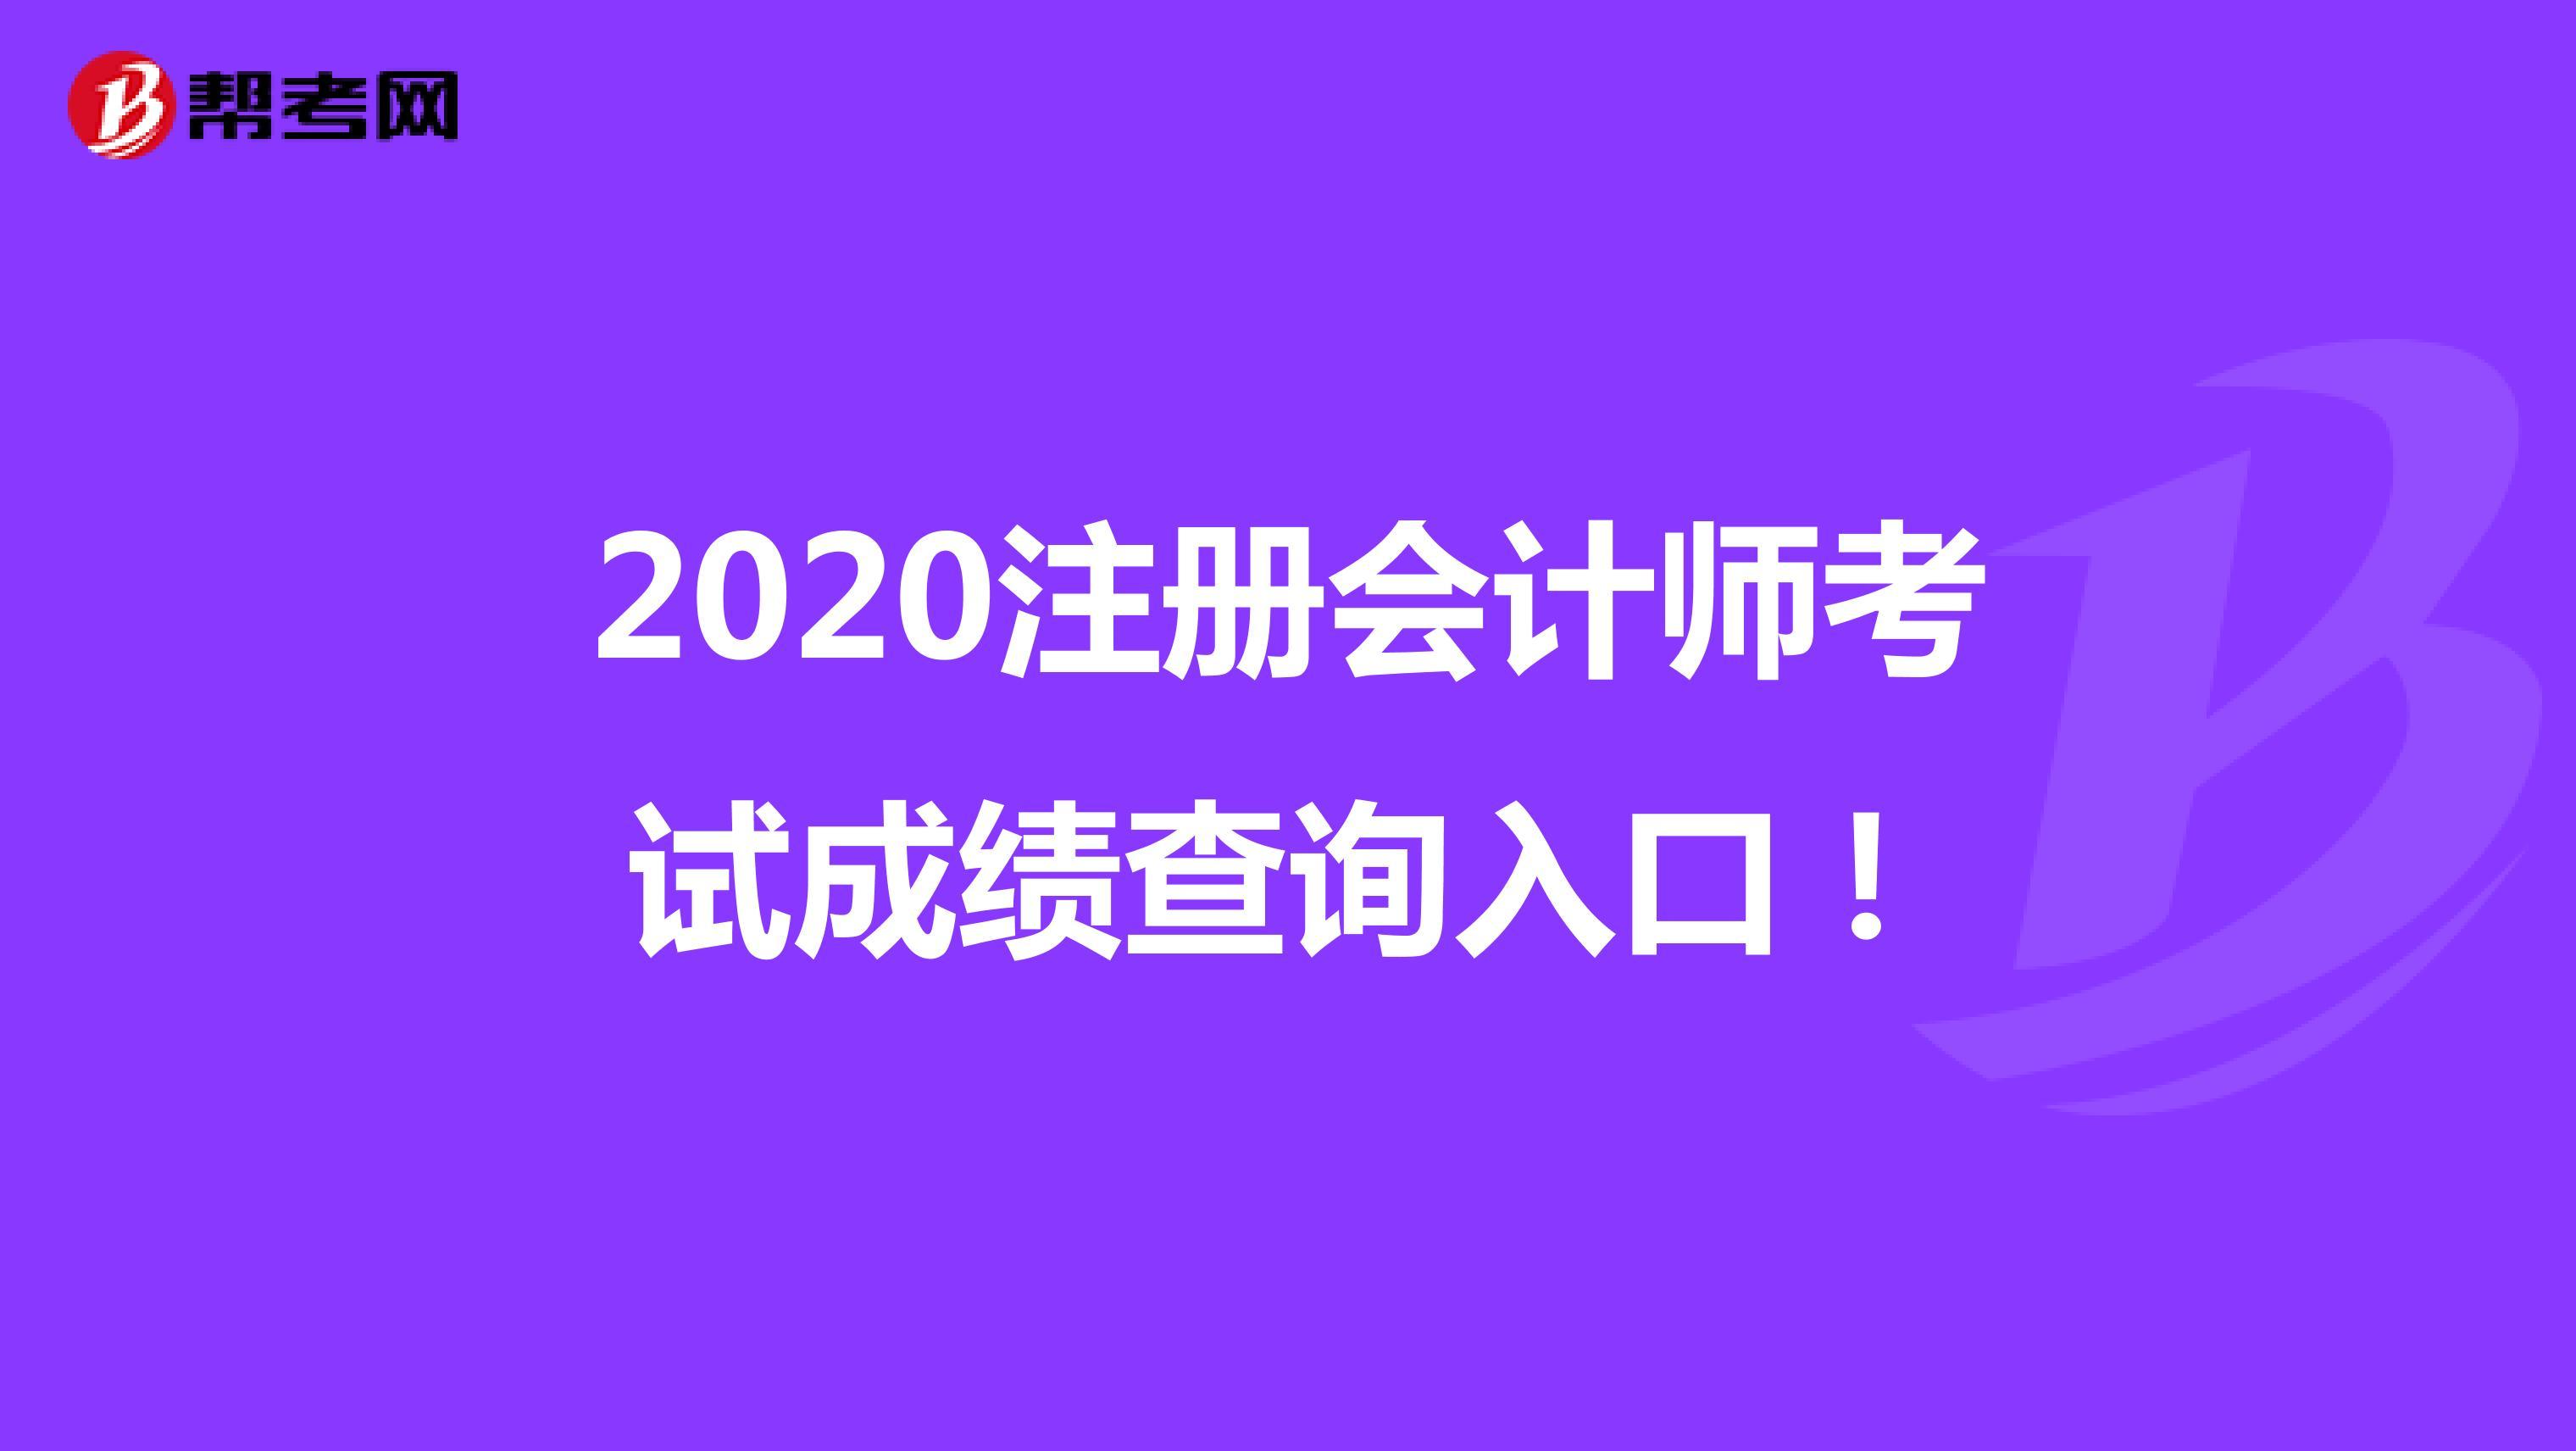 2020注冊會計師考試成績查詢入口!